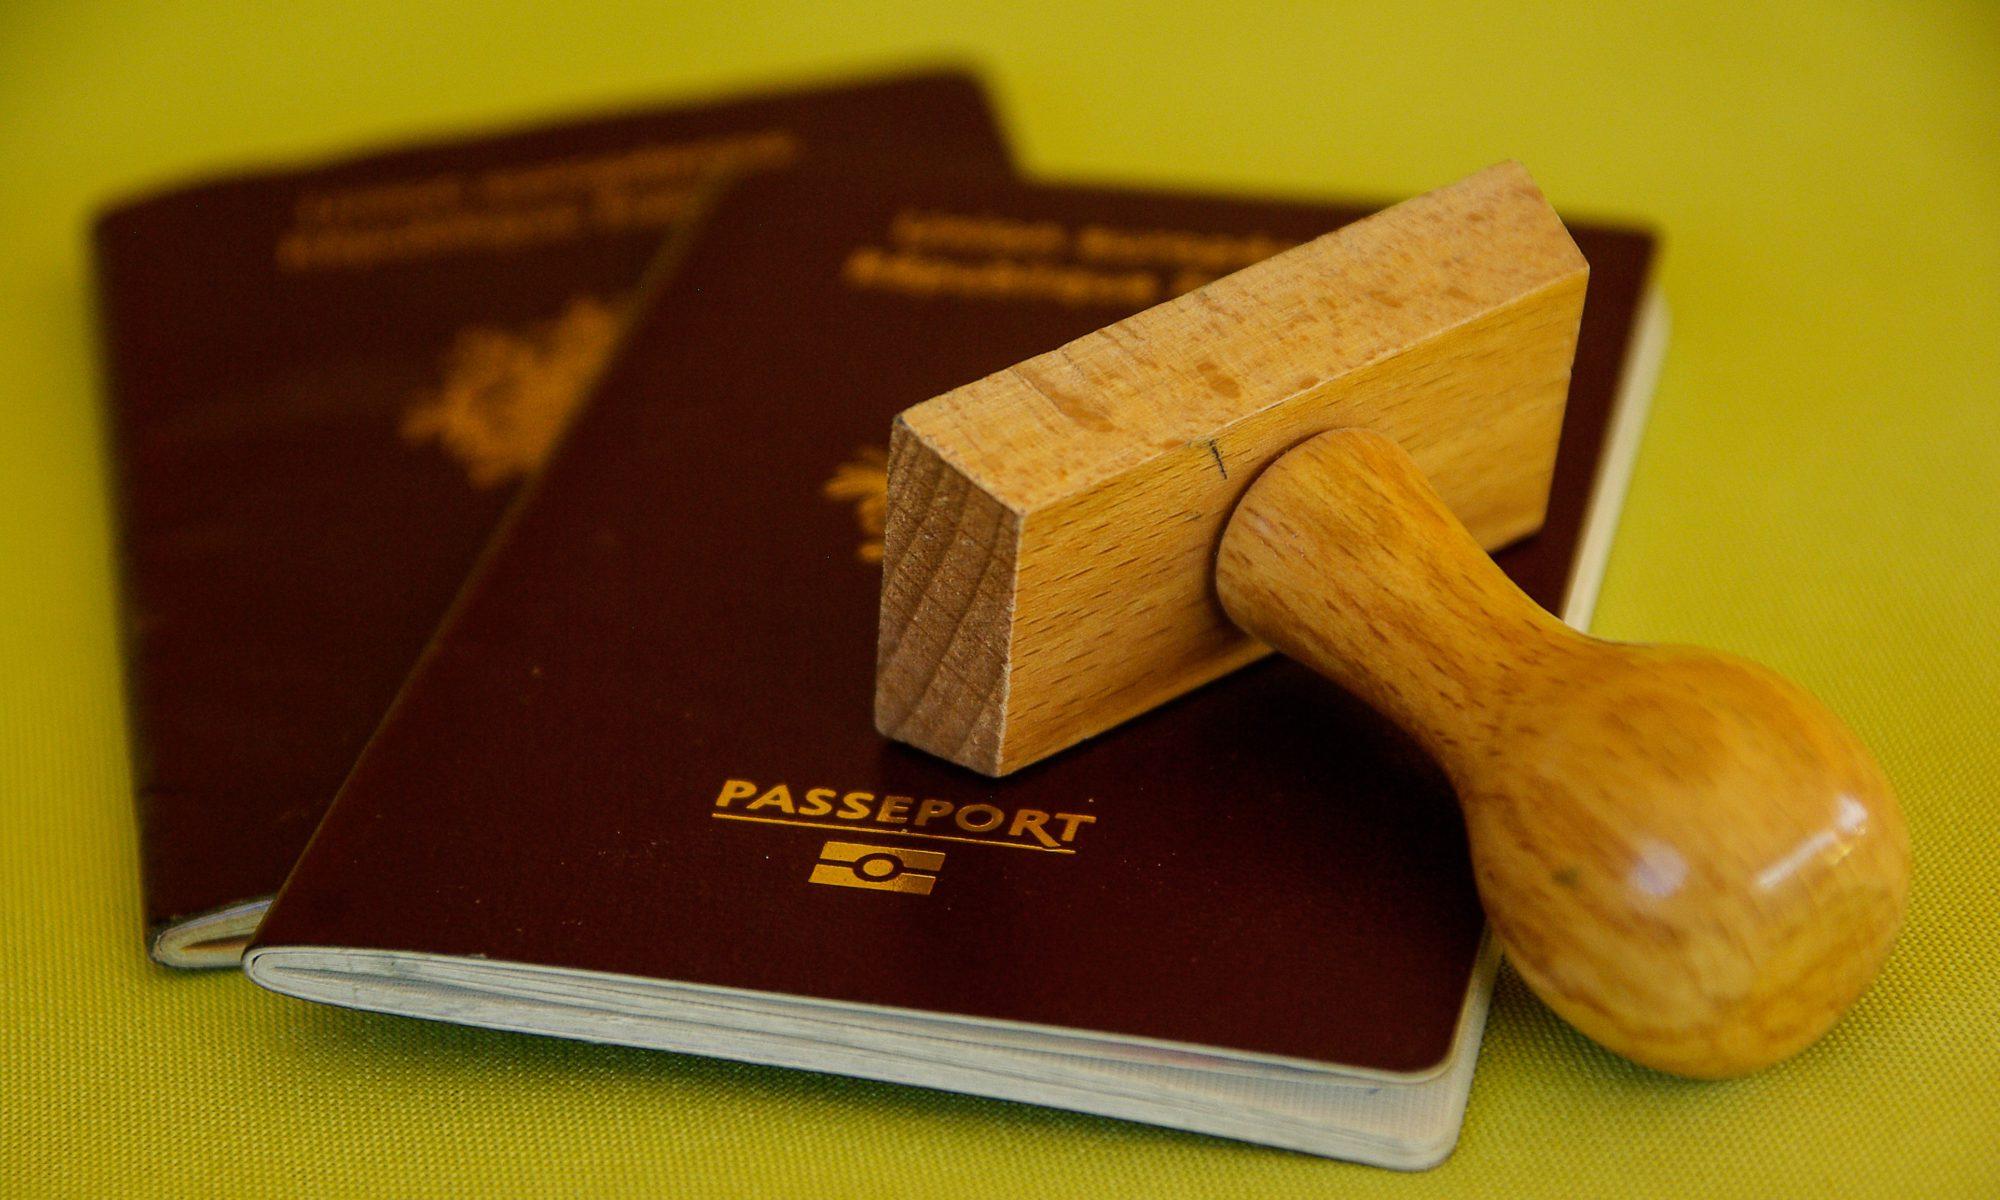 Cestovní pas.cz